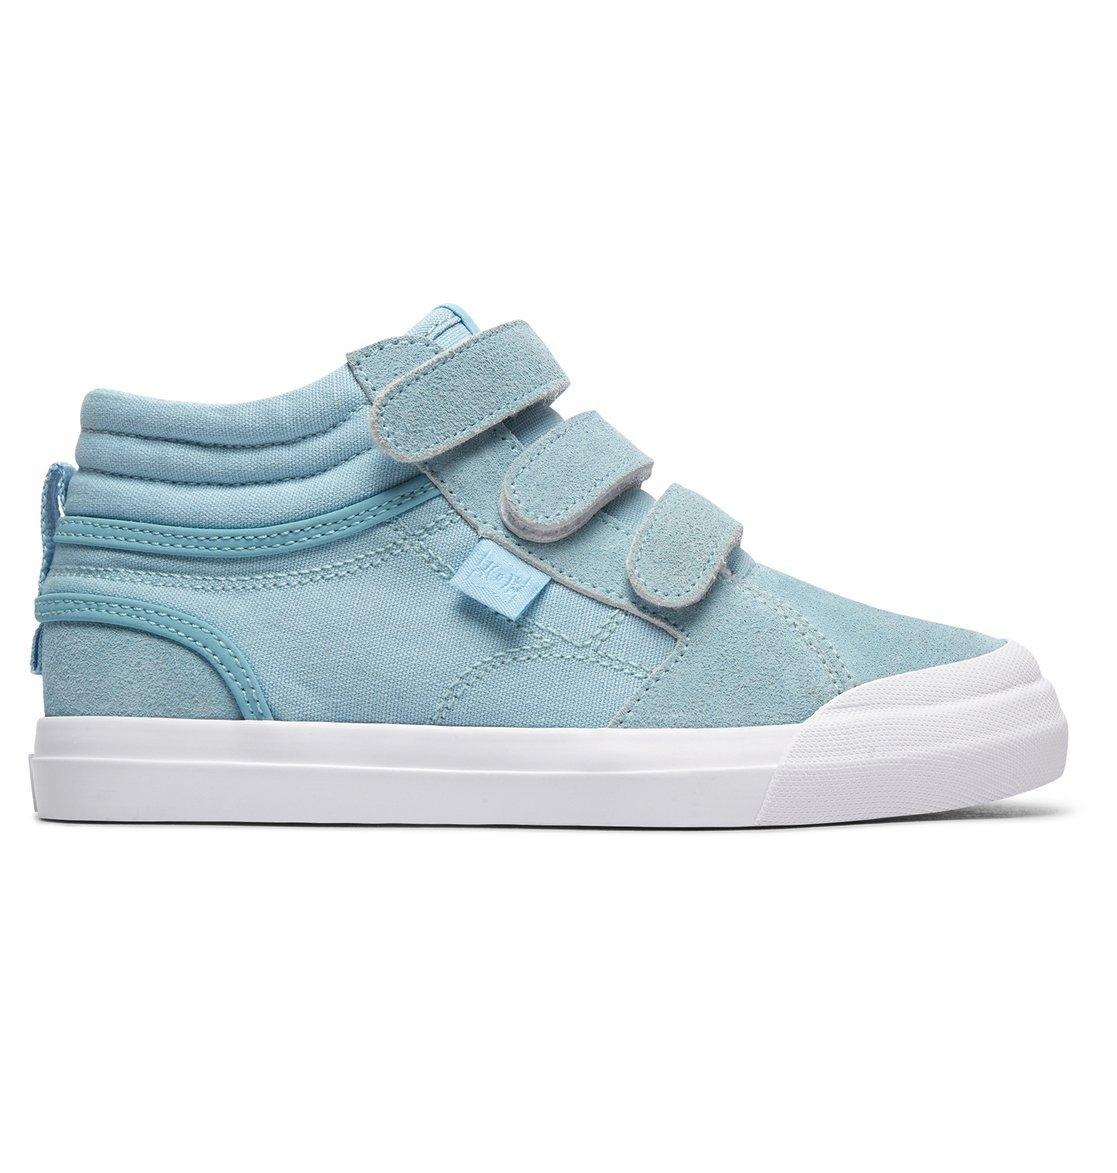 Hoge Schoenenevan Dc V Koop Hi Bij Je Shoes trCsdhQ